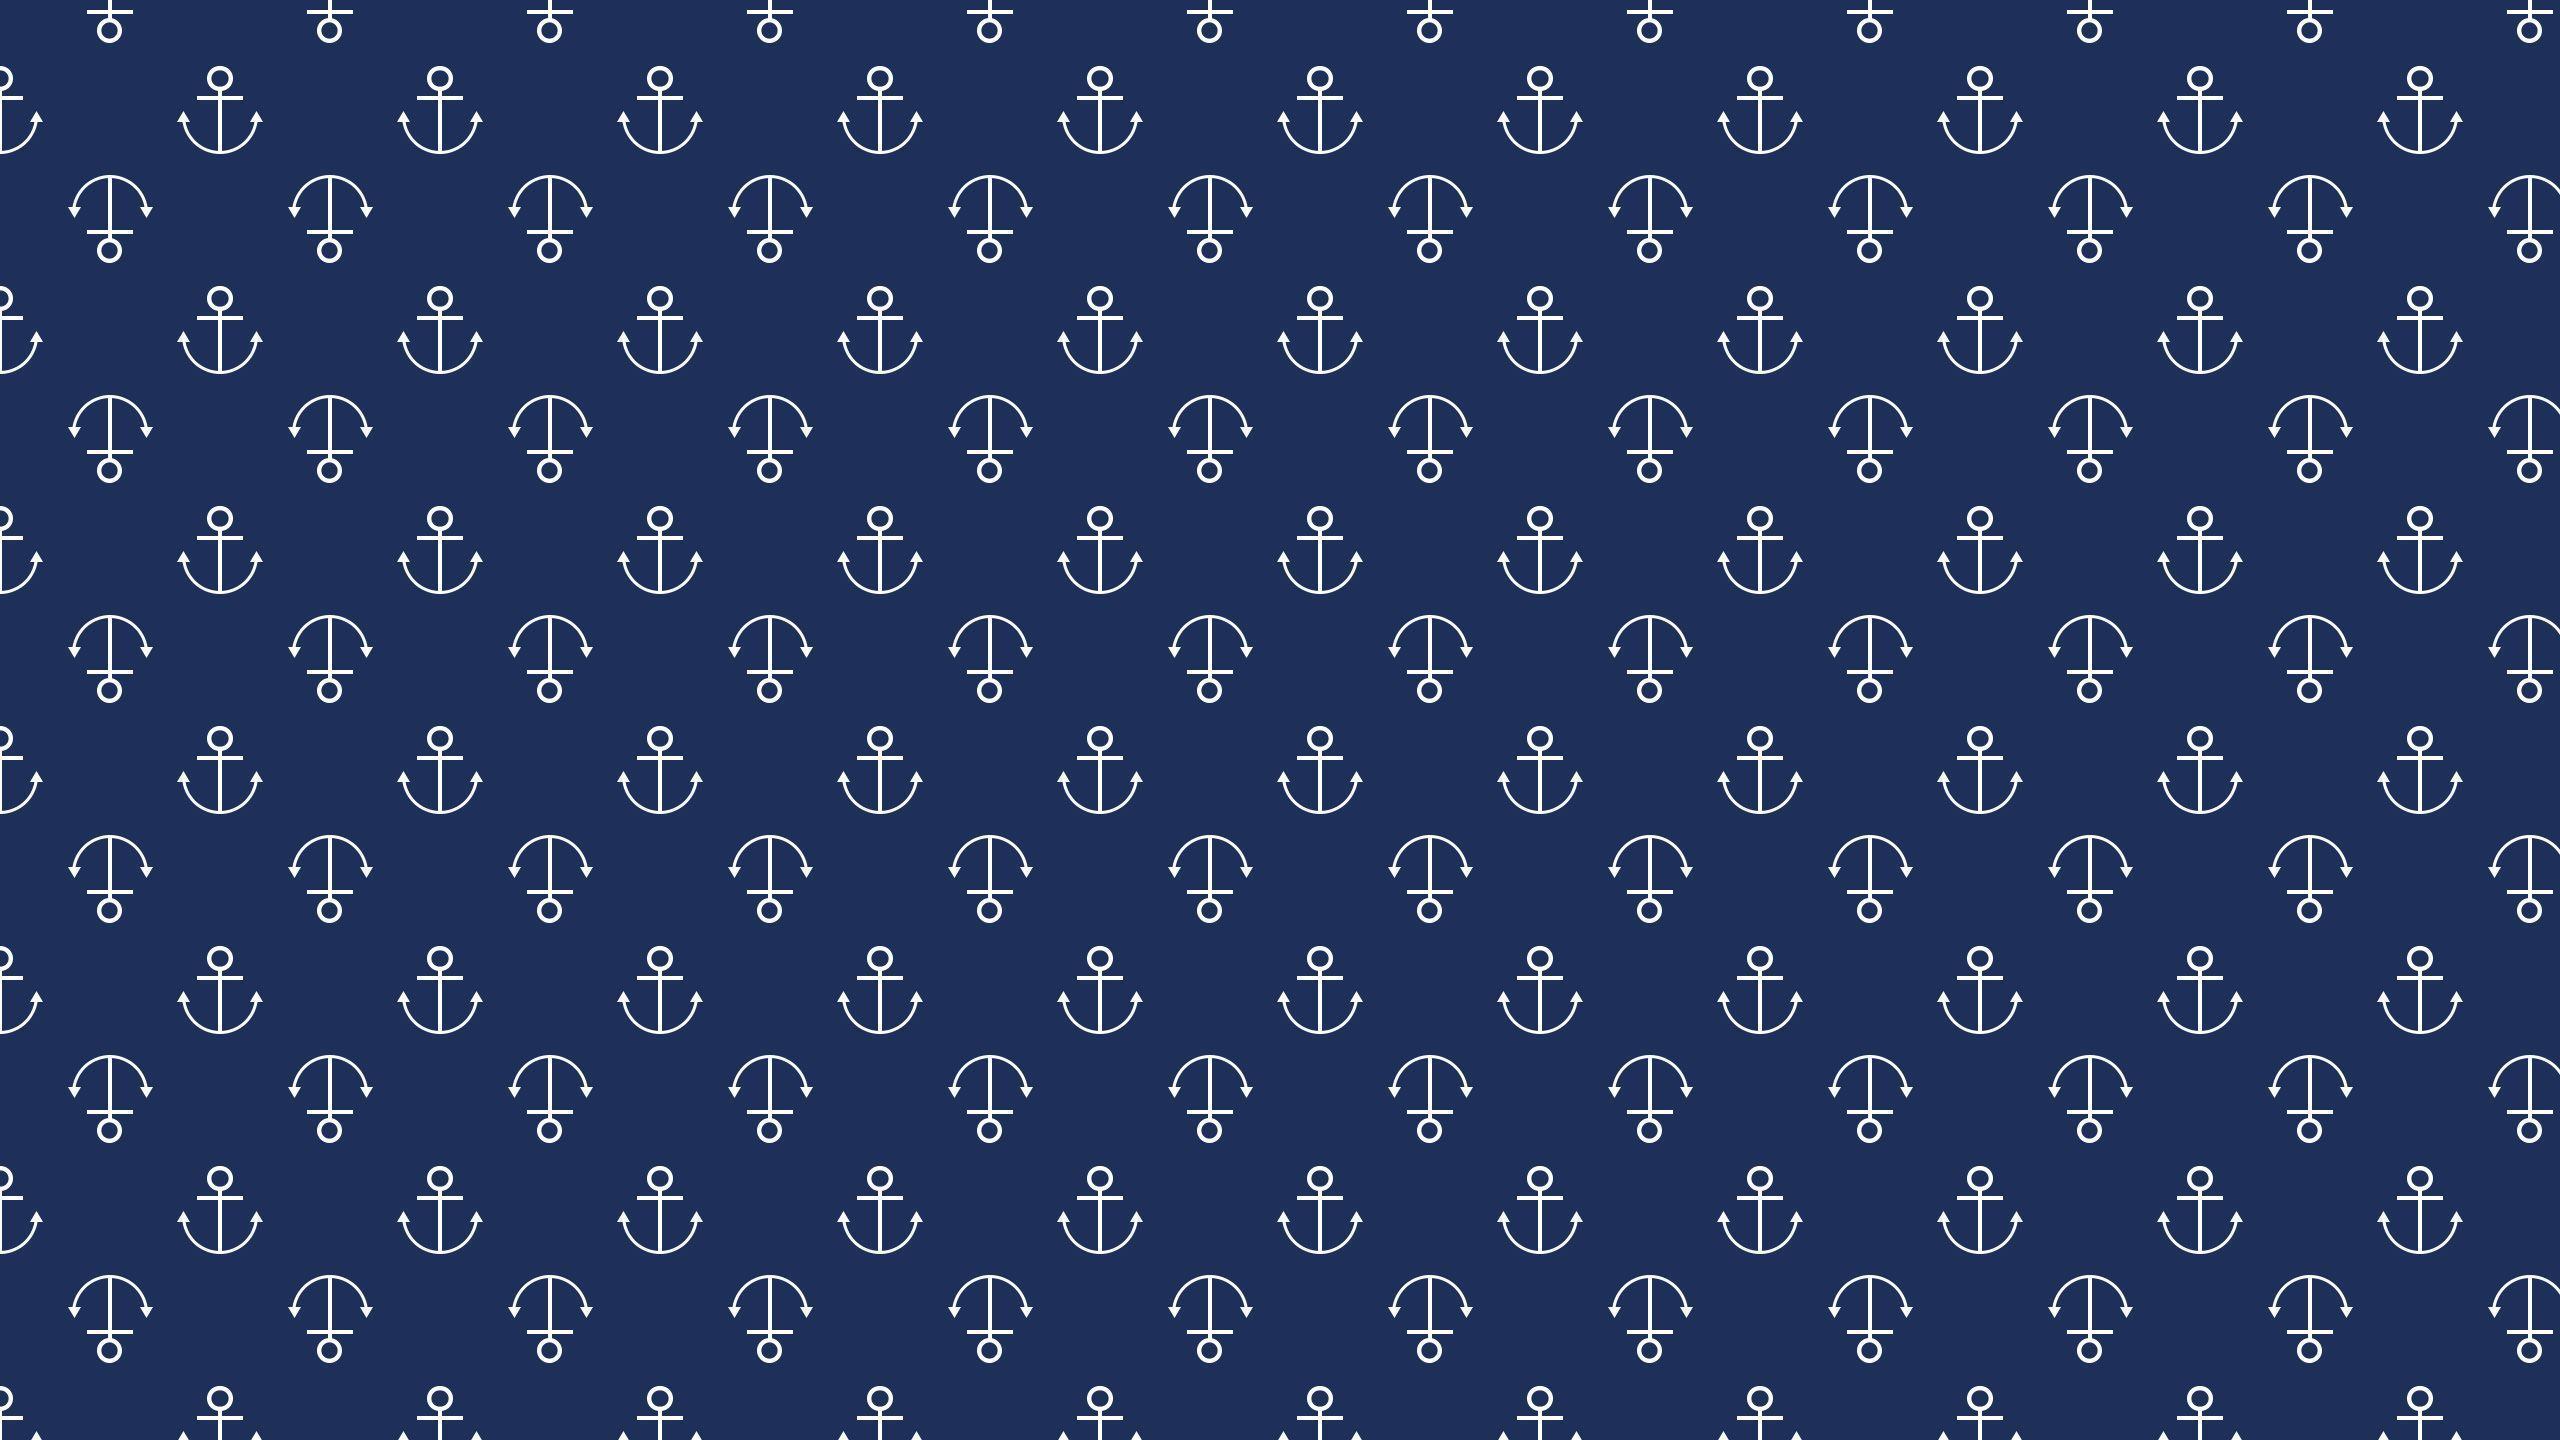 Anchor Wallpaper   hanksrepublic.com